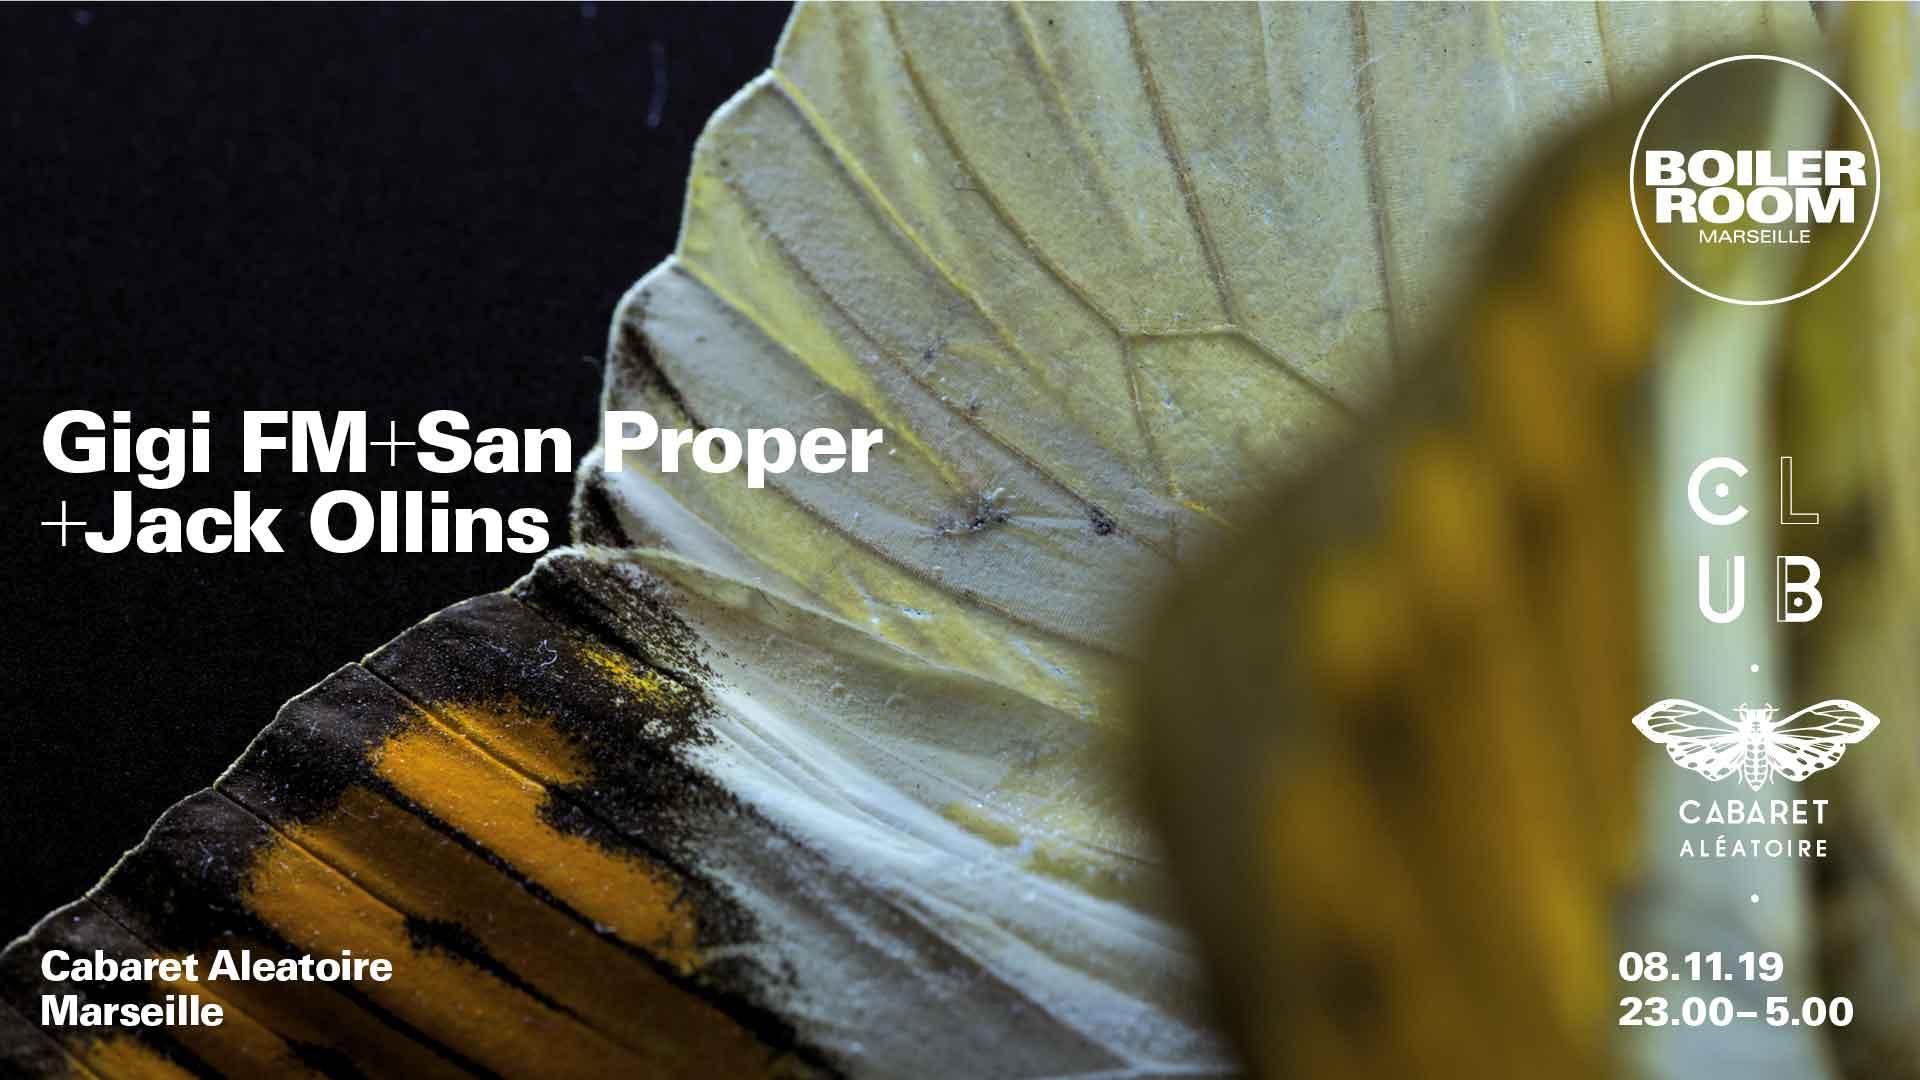 Club Cabaret x Boiler Room : San Proper + Gigi FM  + Jack Ollins